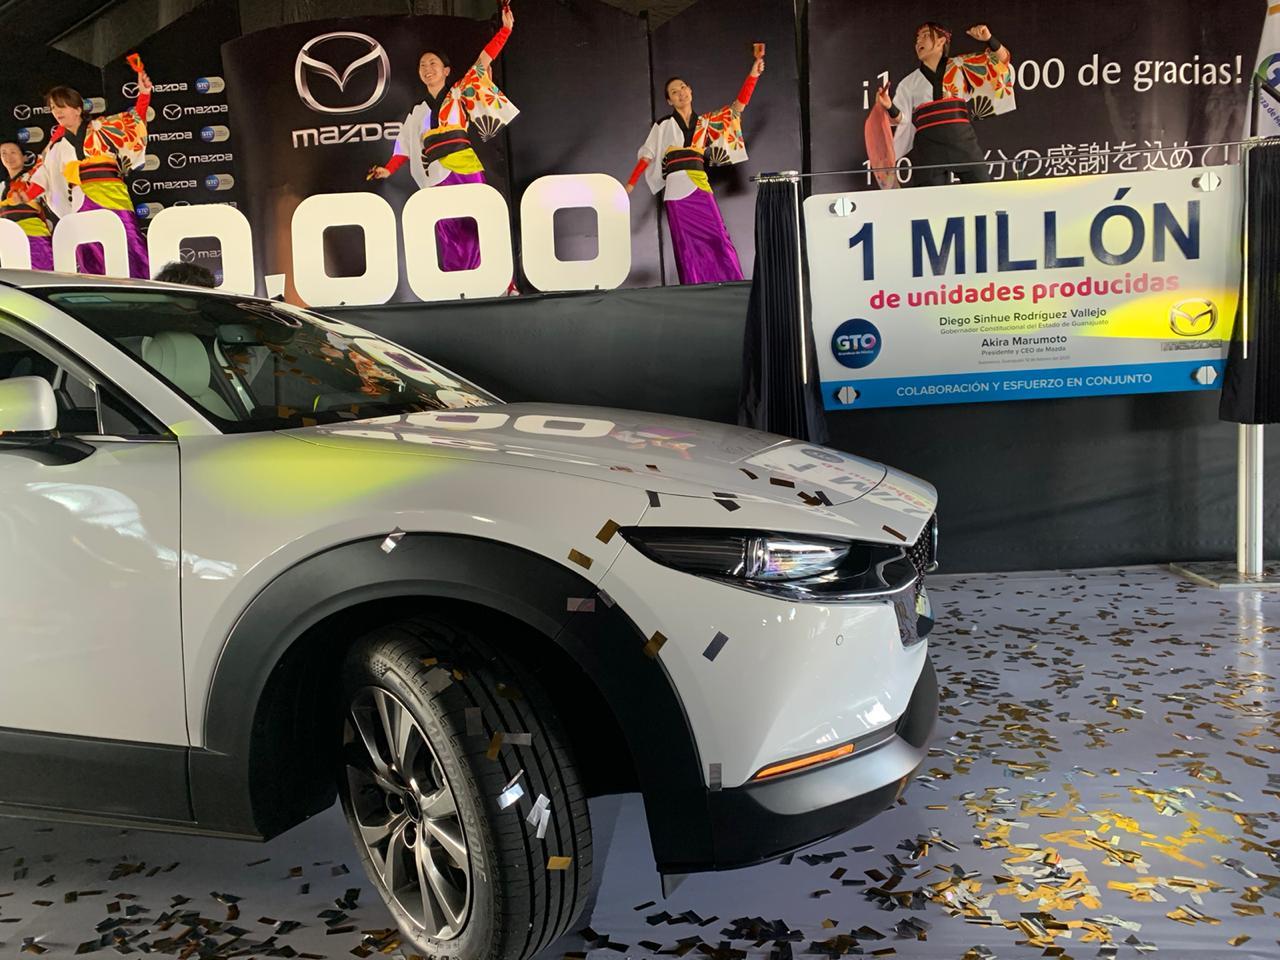 Mazda un millón de unidades producidas